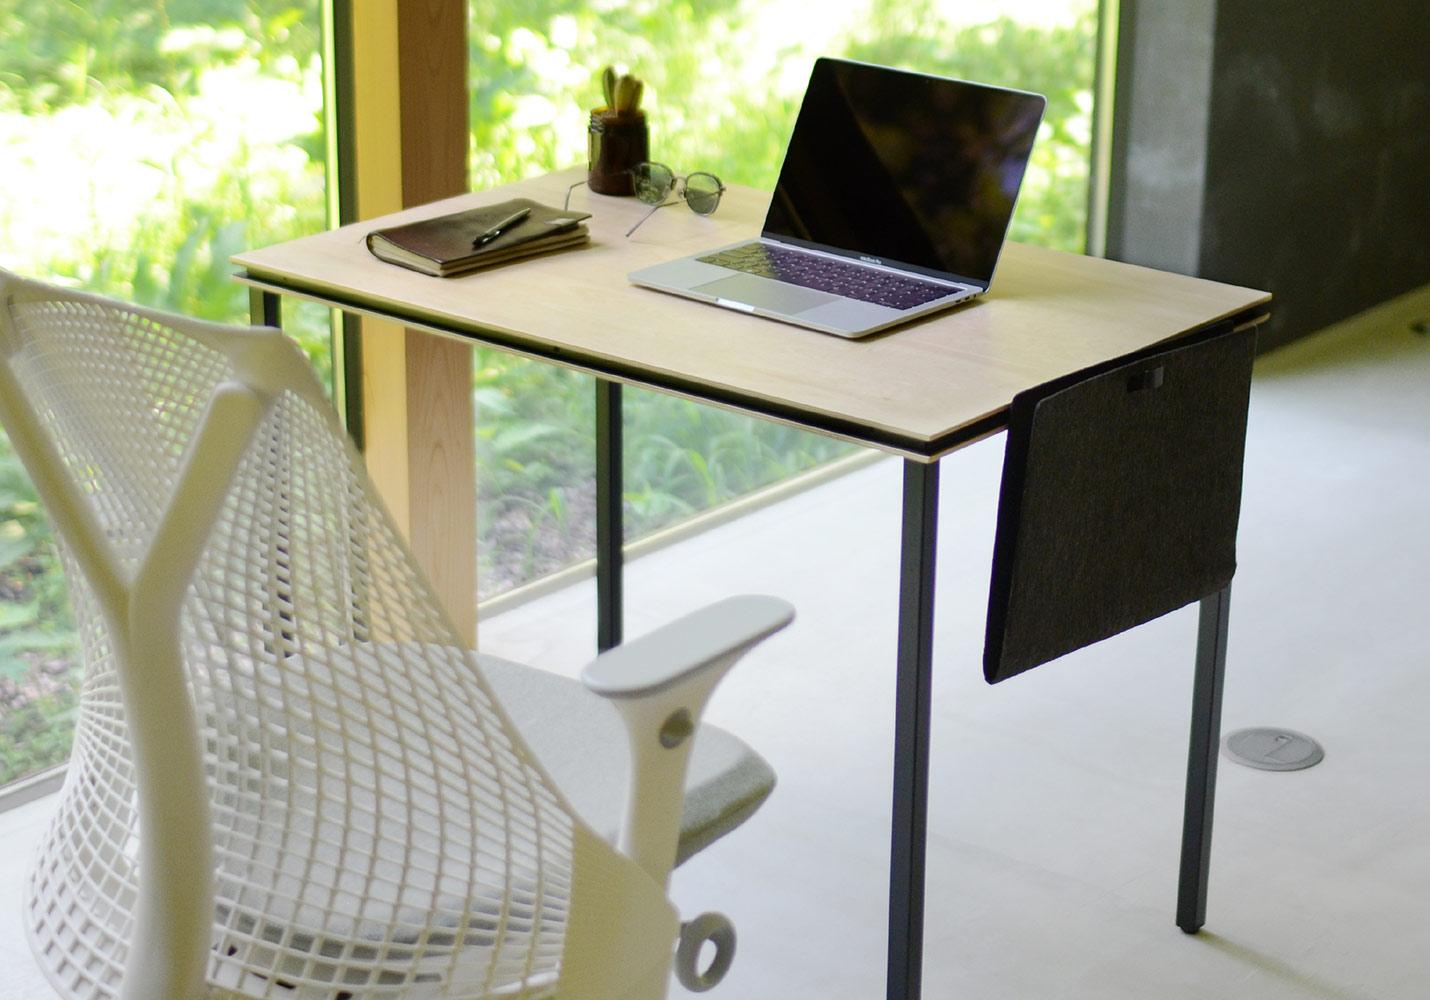 シンプルだからどんなオフィスチェアにも合わせやすい